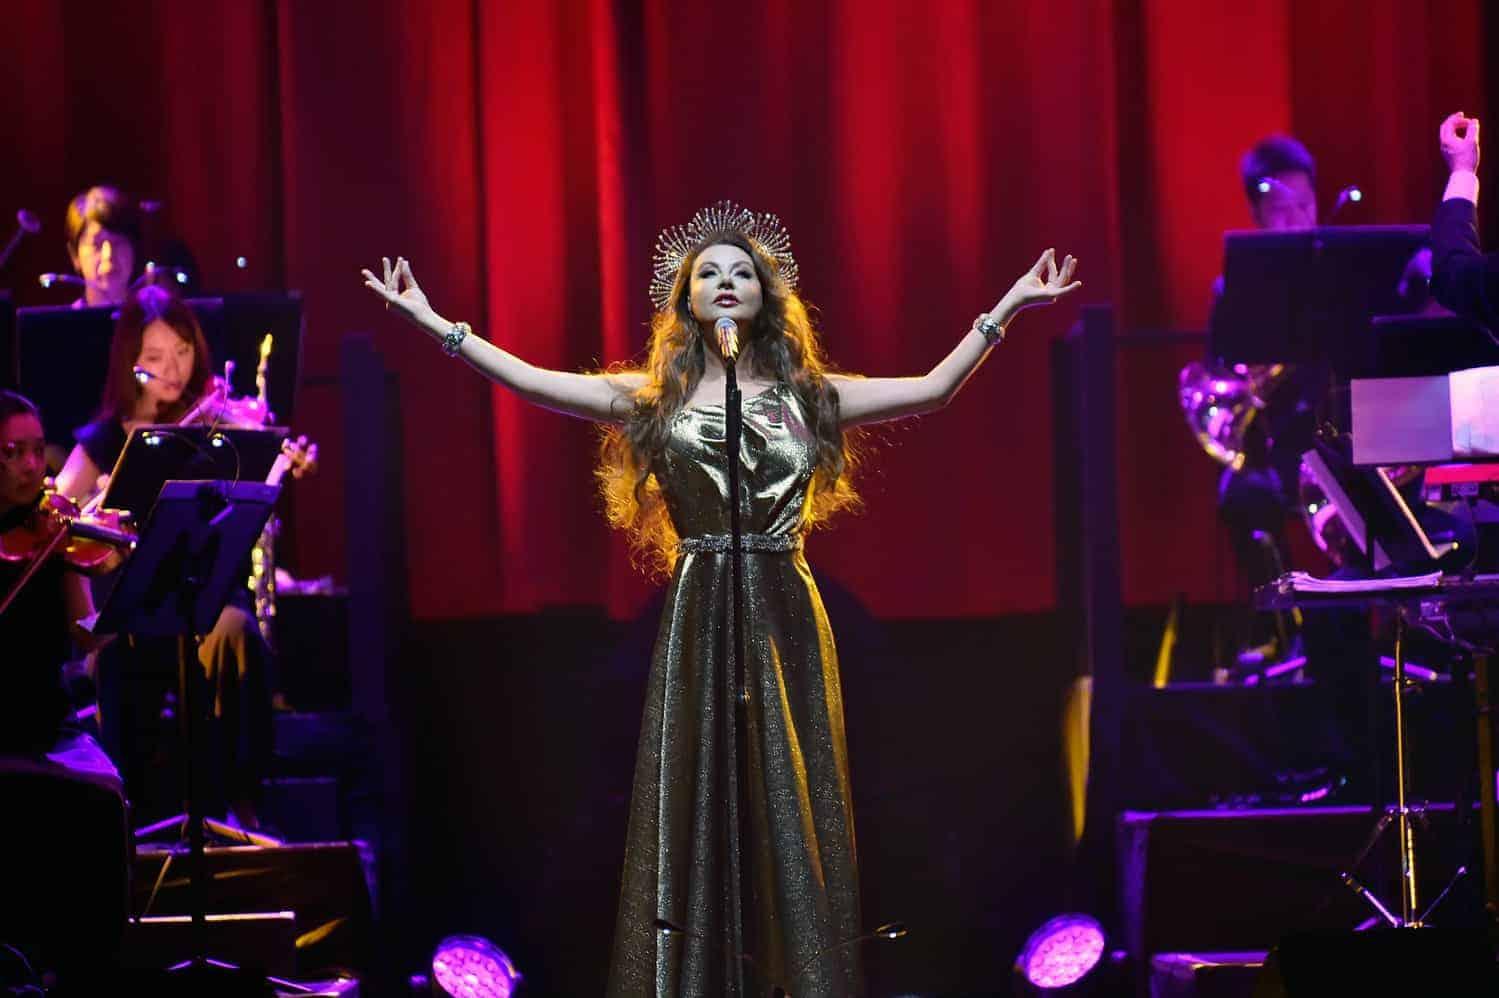 концерт в москве Sarah Brightman (Сара Брайтман)